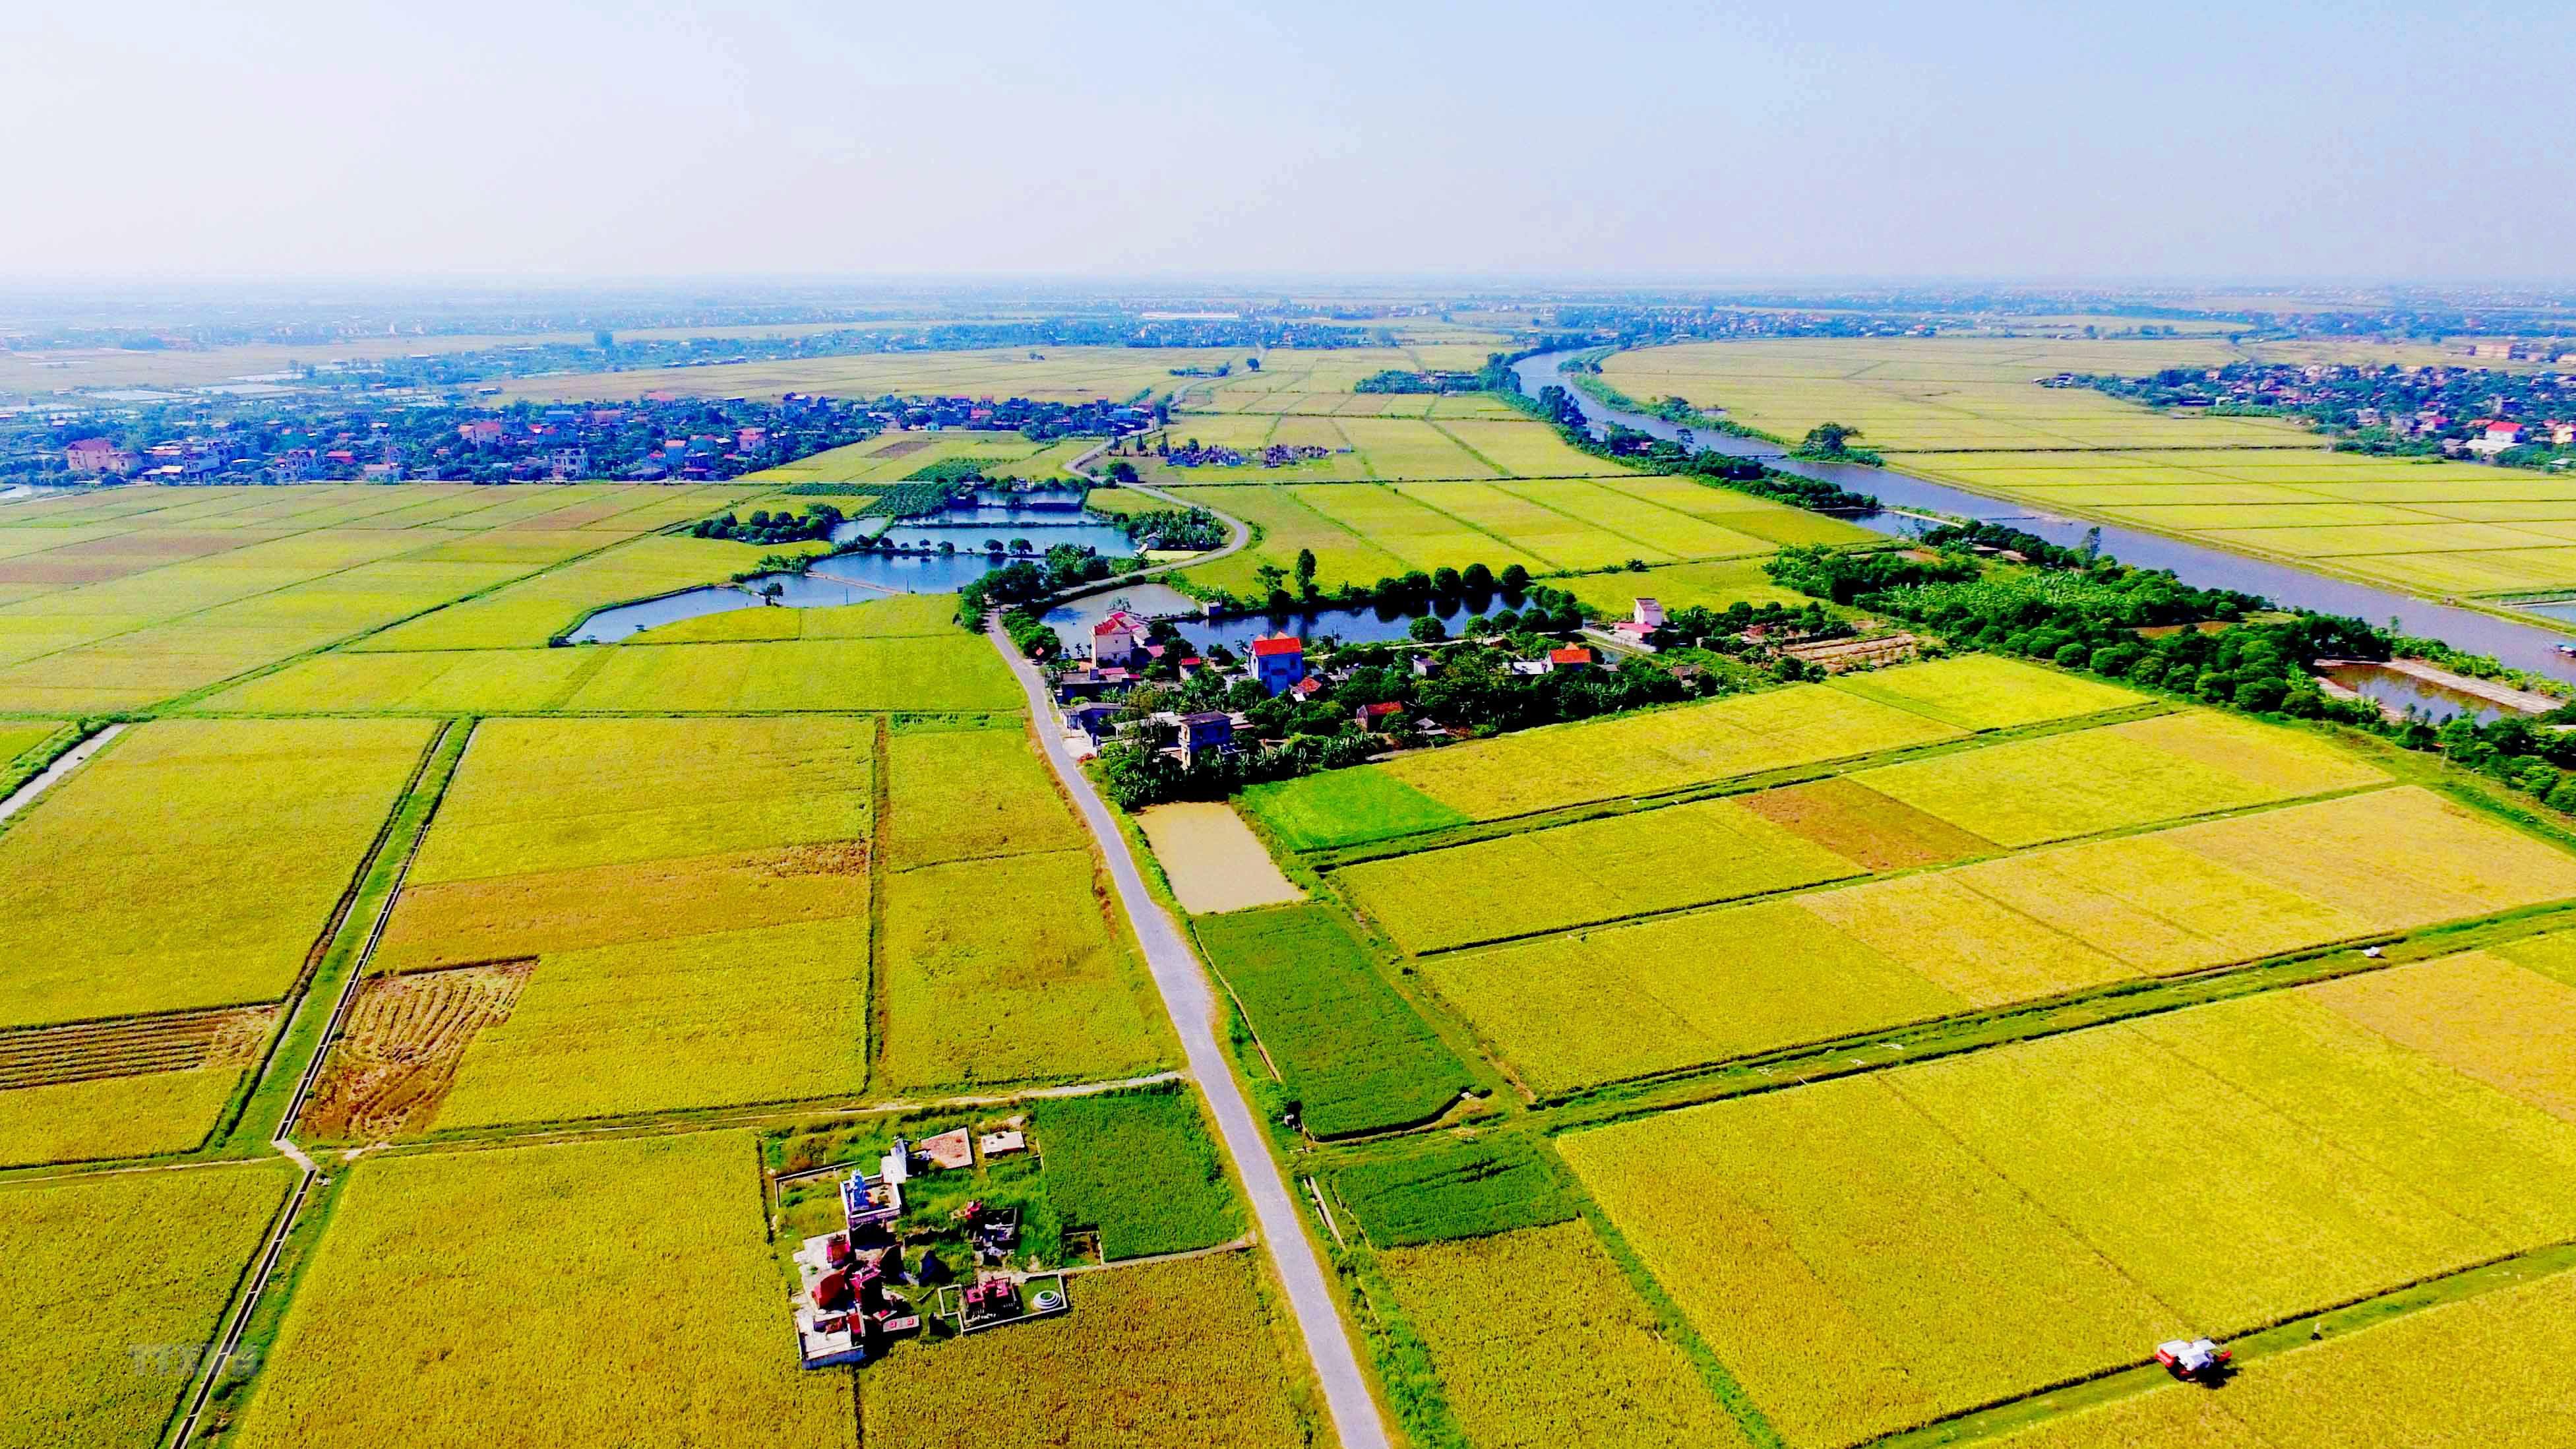 Xu thế phát triển thị trường quyền sử dụng đất nông nghiệp | Bất ...